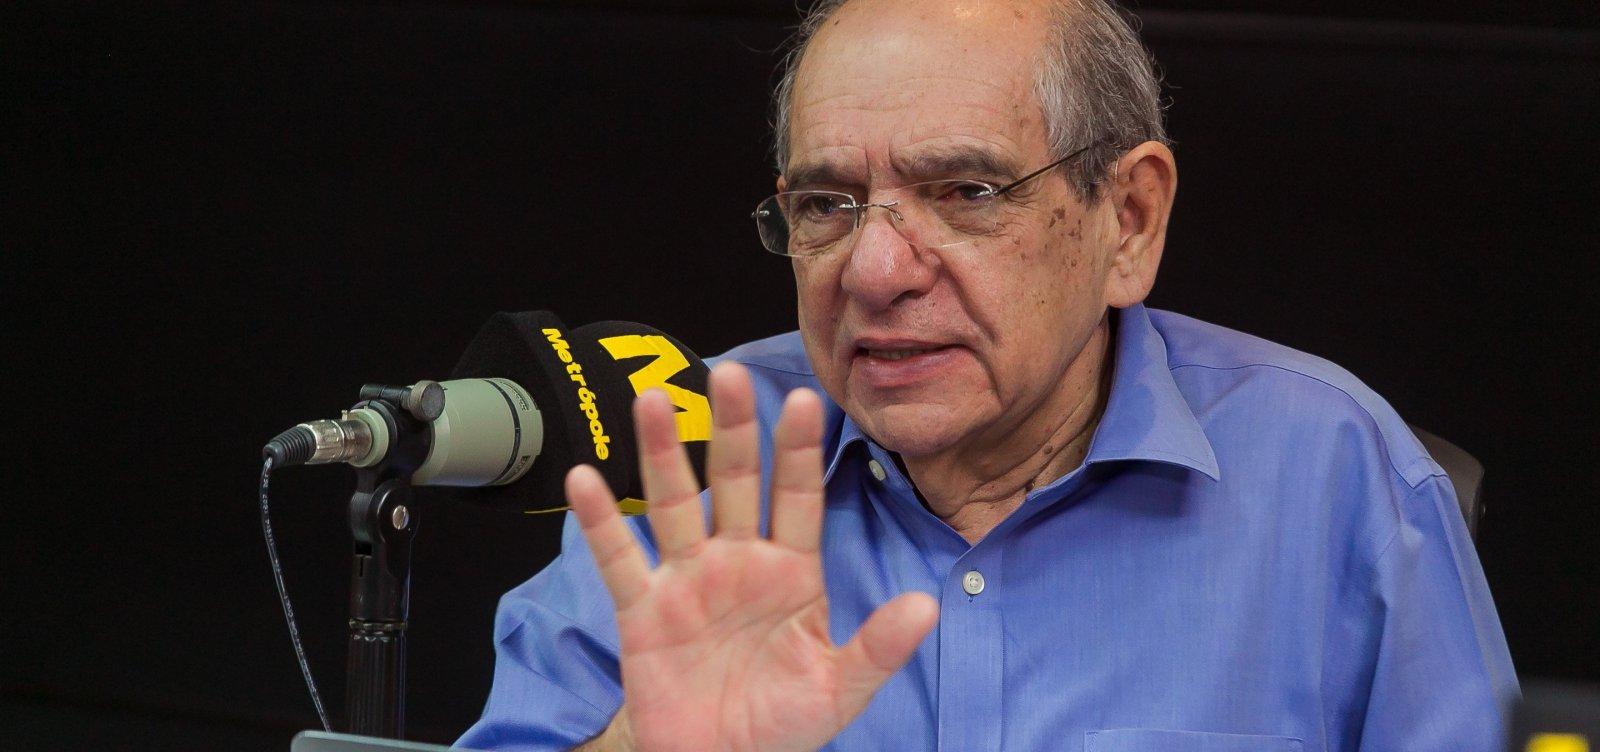 'Pra quê oposição, se eles mesmos se destroem?', questiona MK sobre crise no PSL; ouça